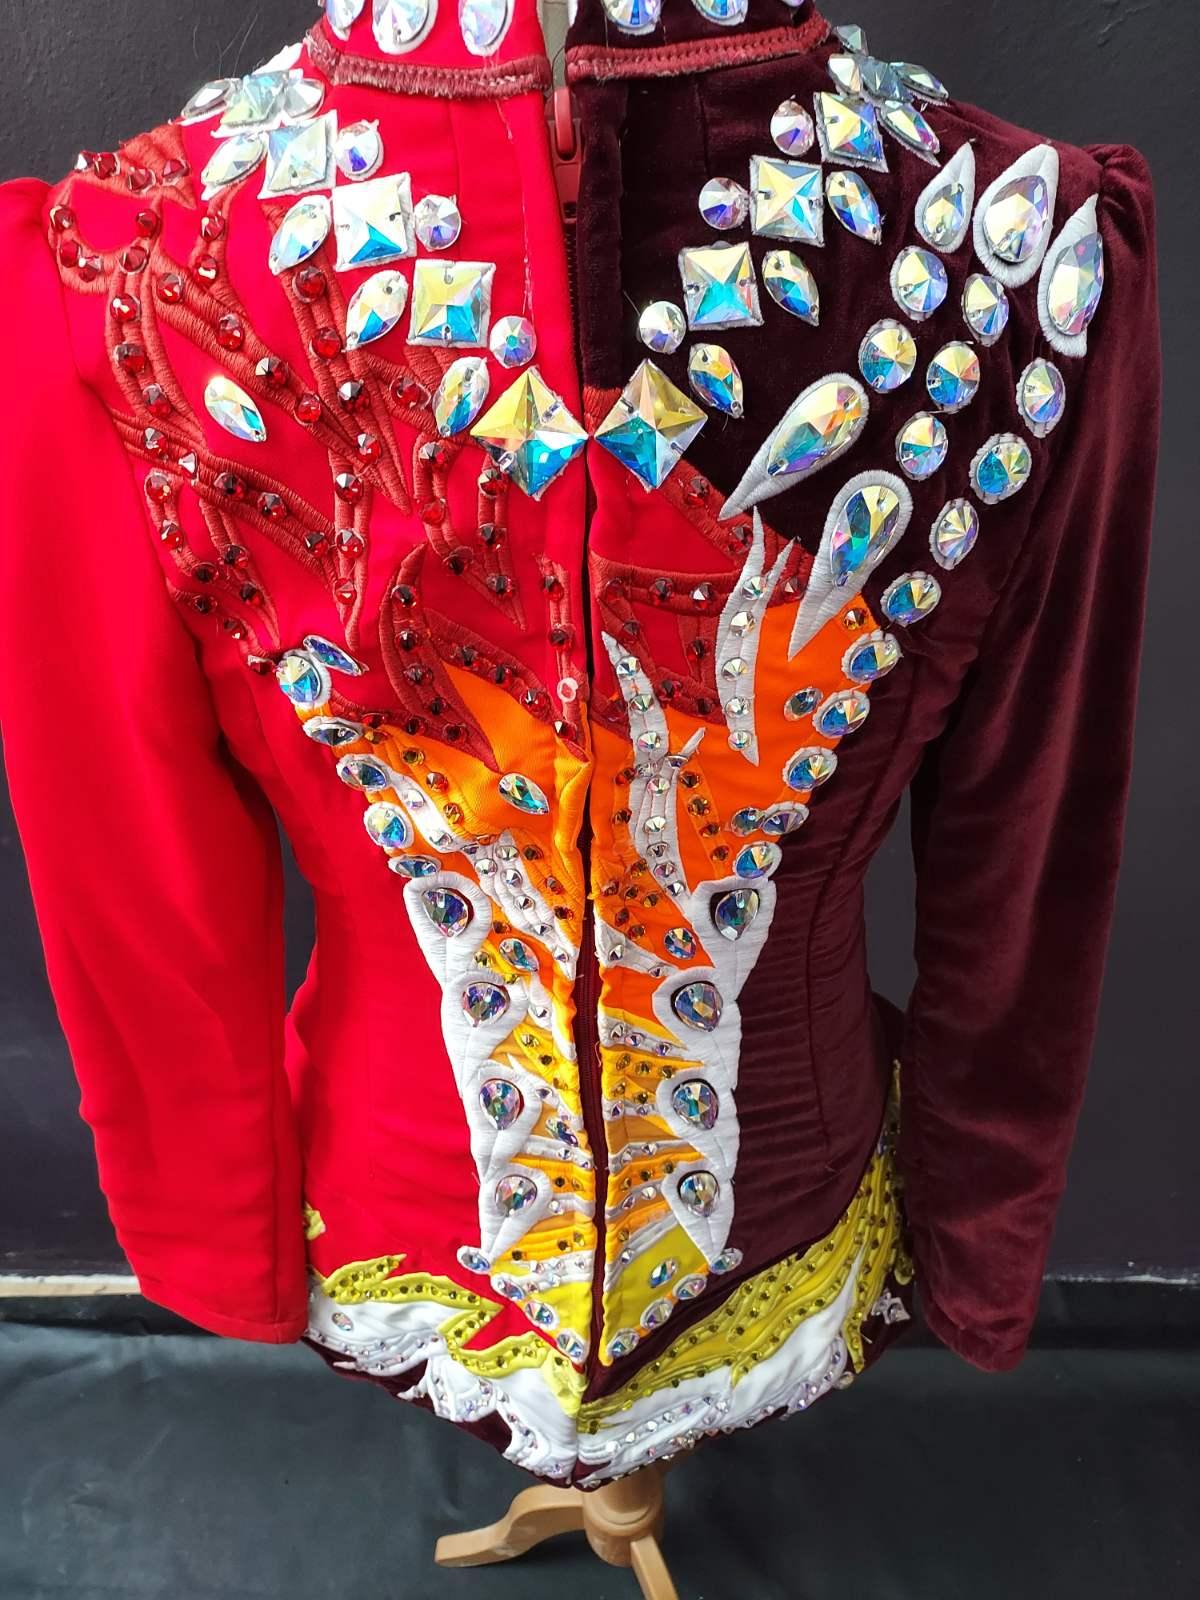 Dress #2746